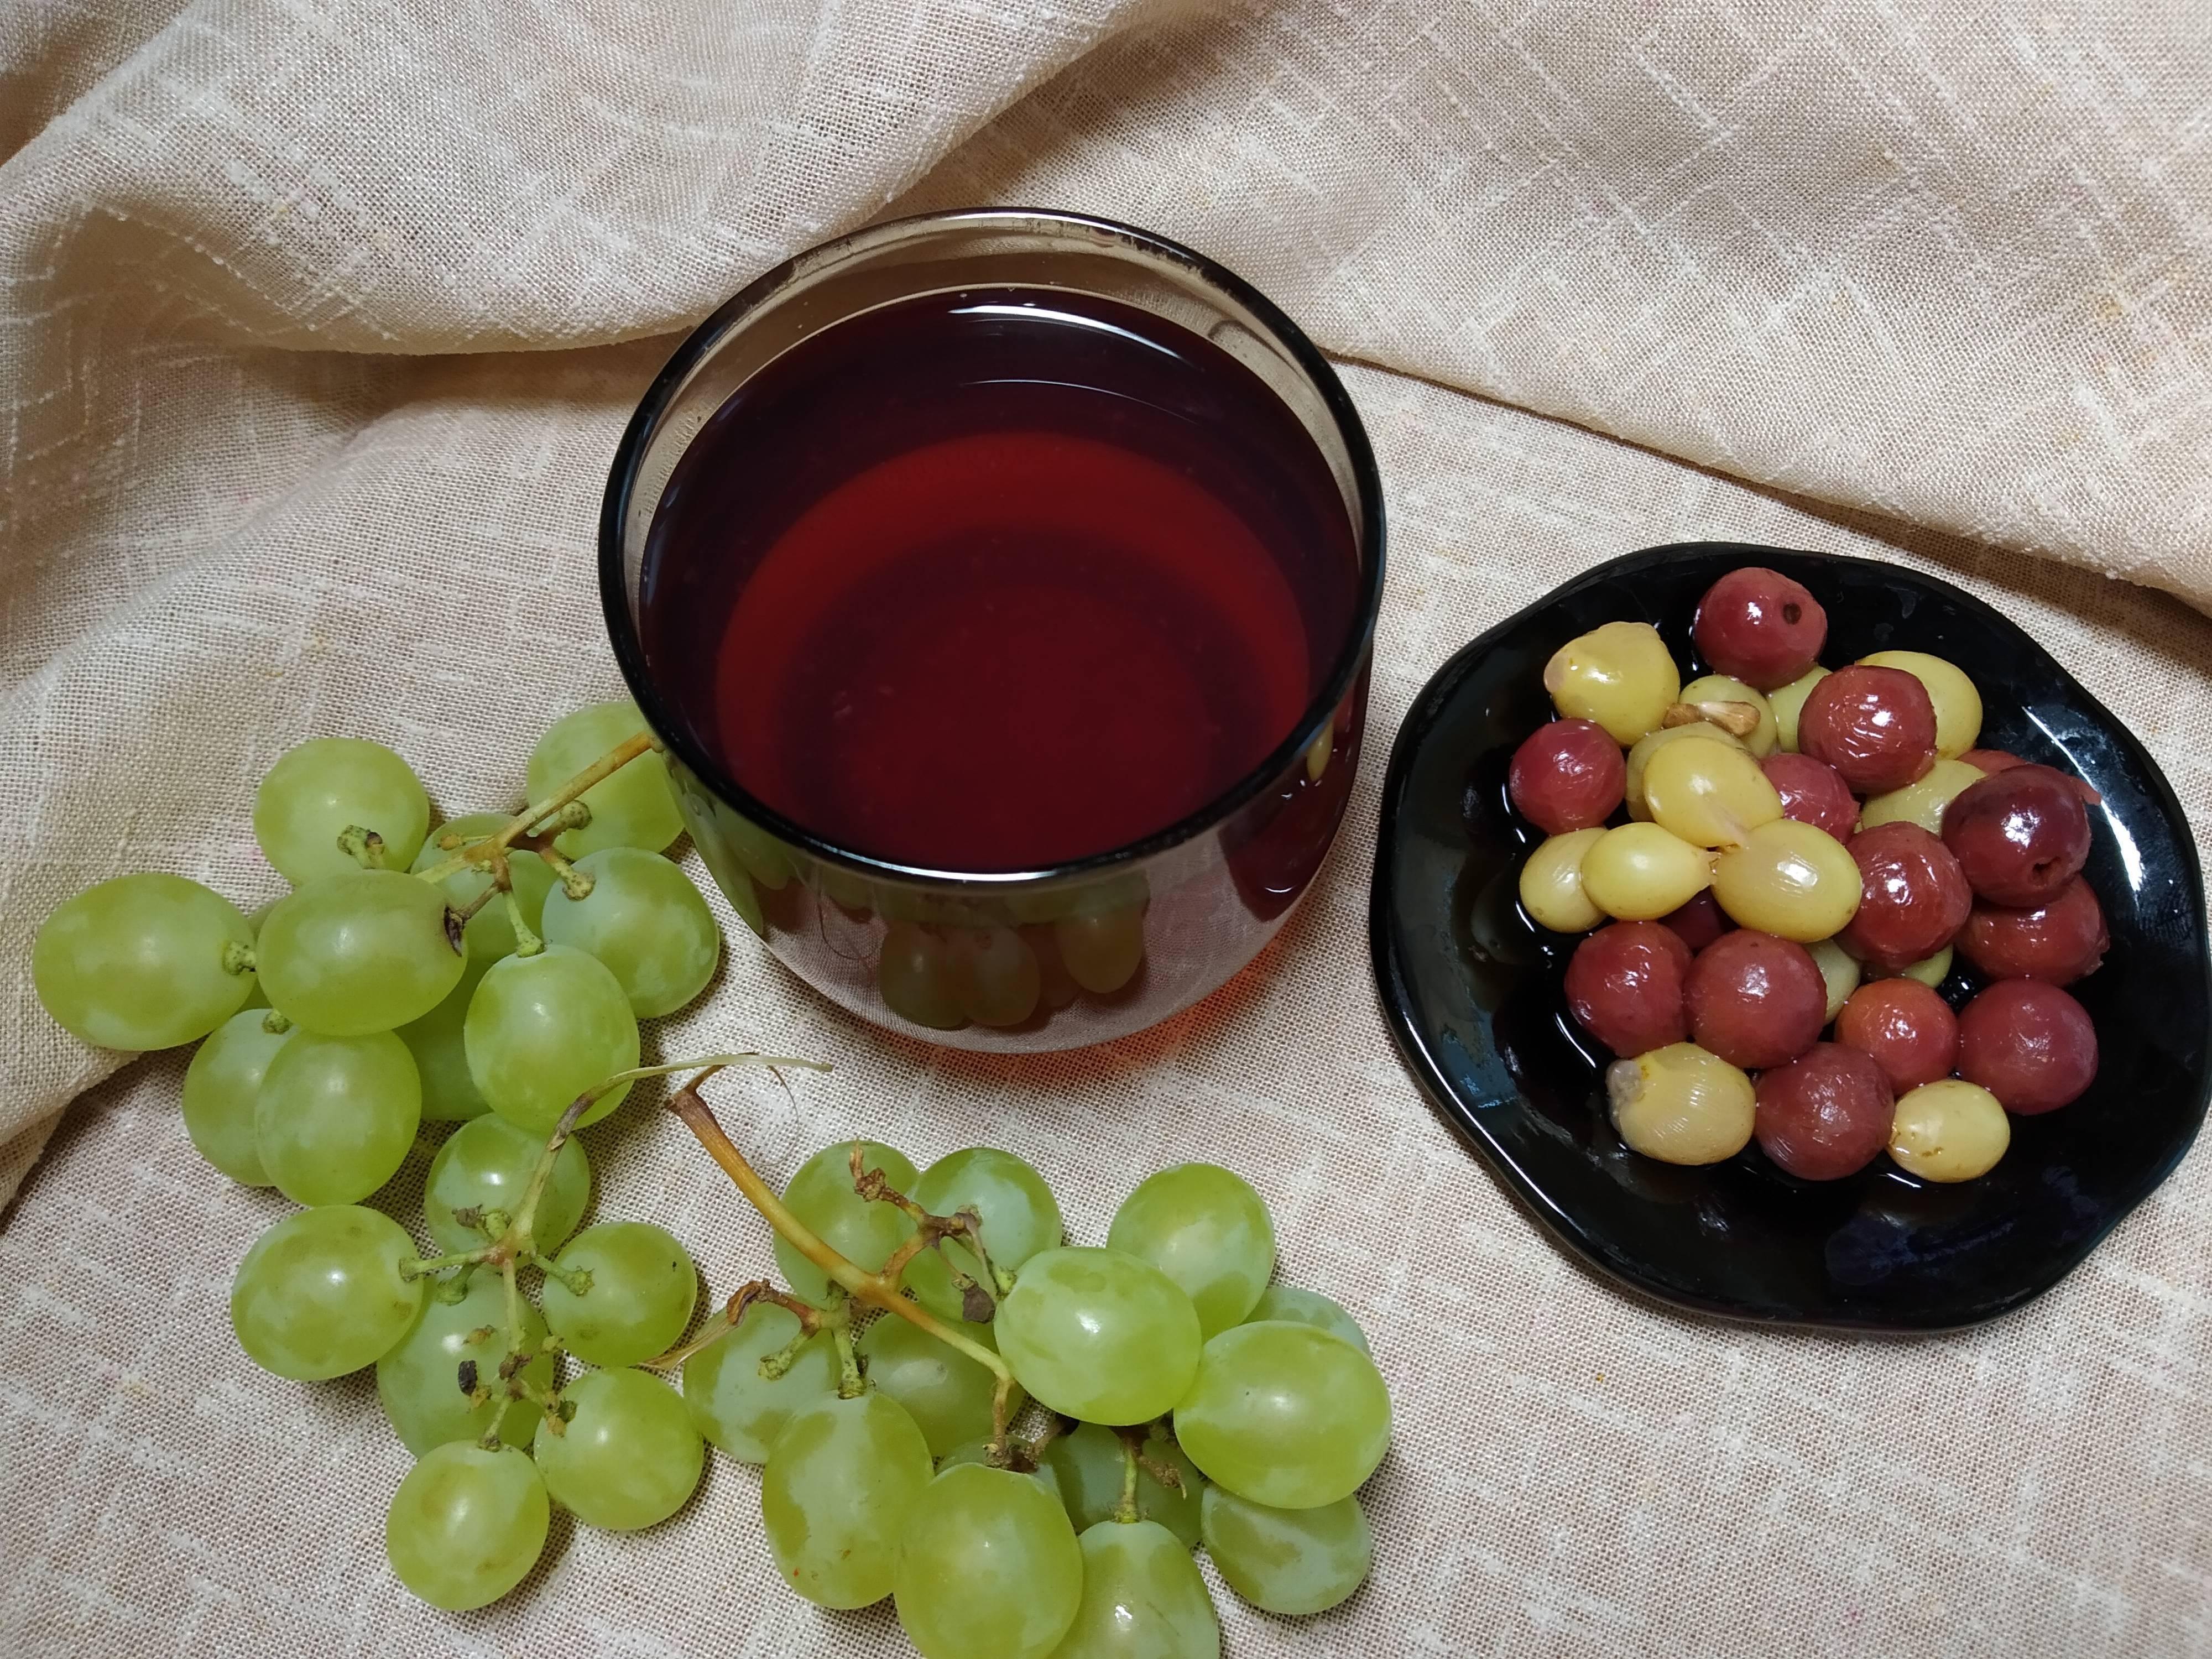 Наливка из винограда домашняя – натурально! рецепты наливки из винограда в домашних условиях: с водкой, сахаром или спиртом - автор екатерина данилова - журнал женское мнение